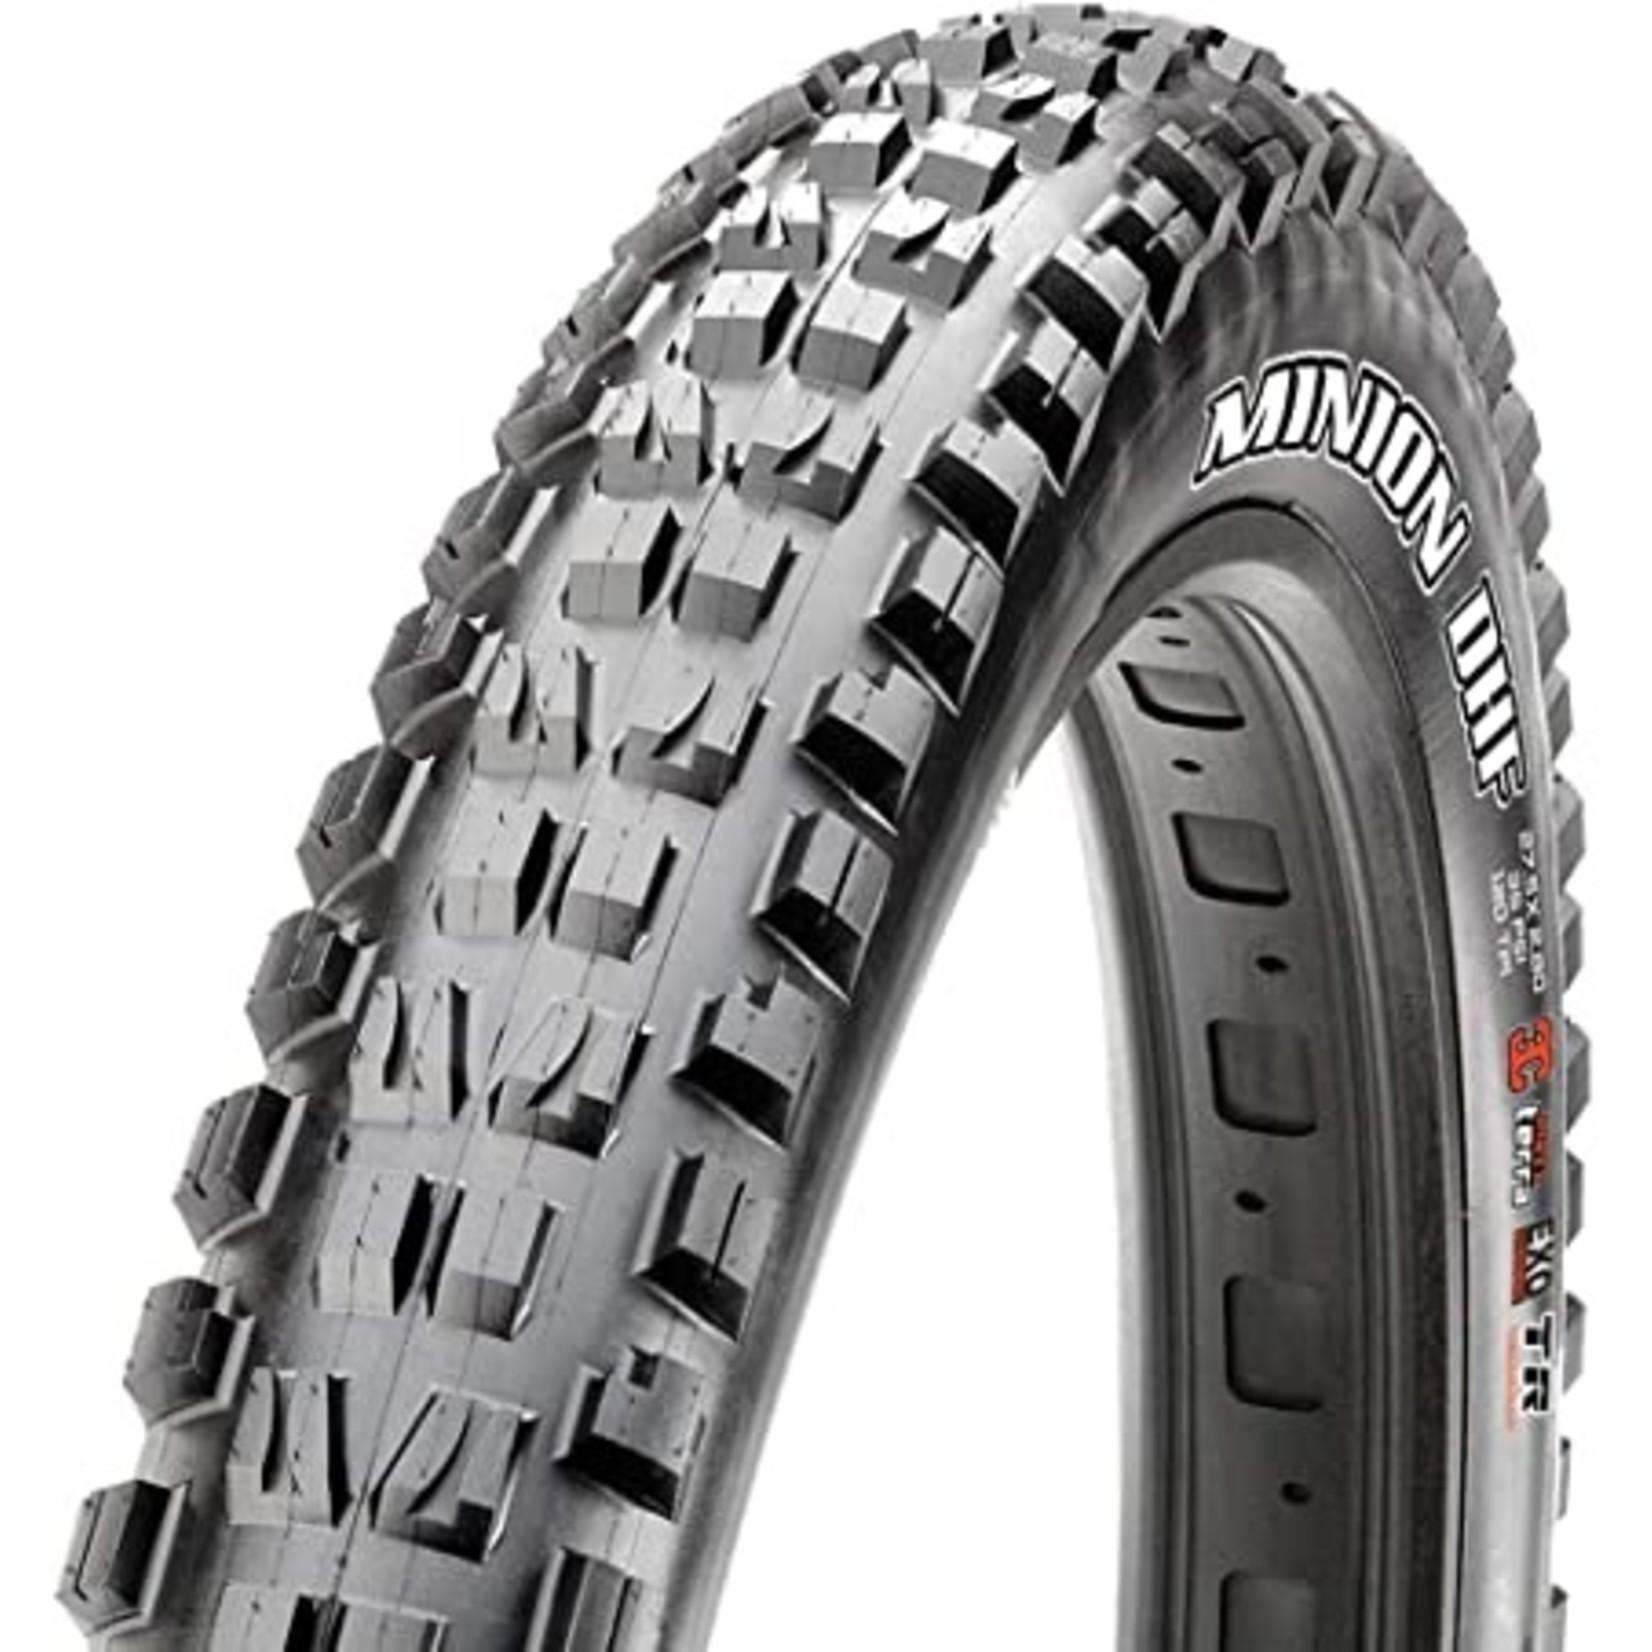 Maxxis Maxxis Minion  DHF 3C Maxx Terra EXO+ 27.5x2.5WT Tubeless Ready Folding Bead Tire